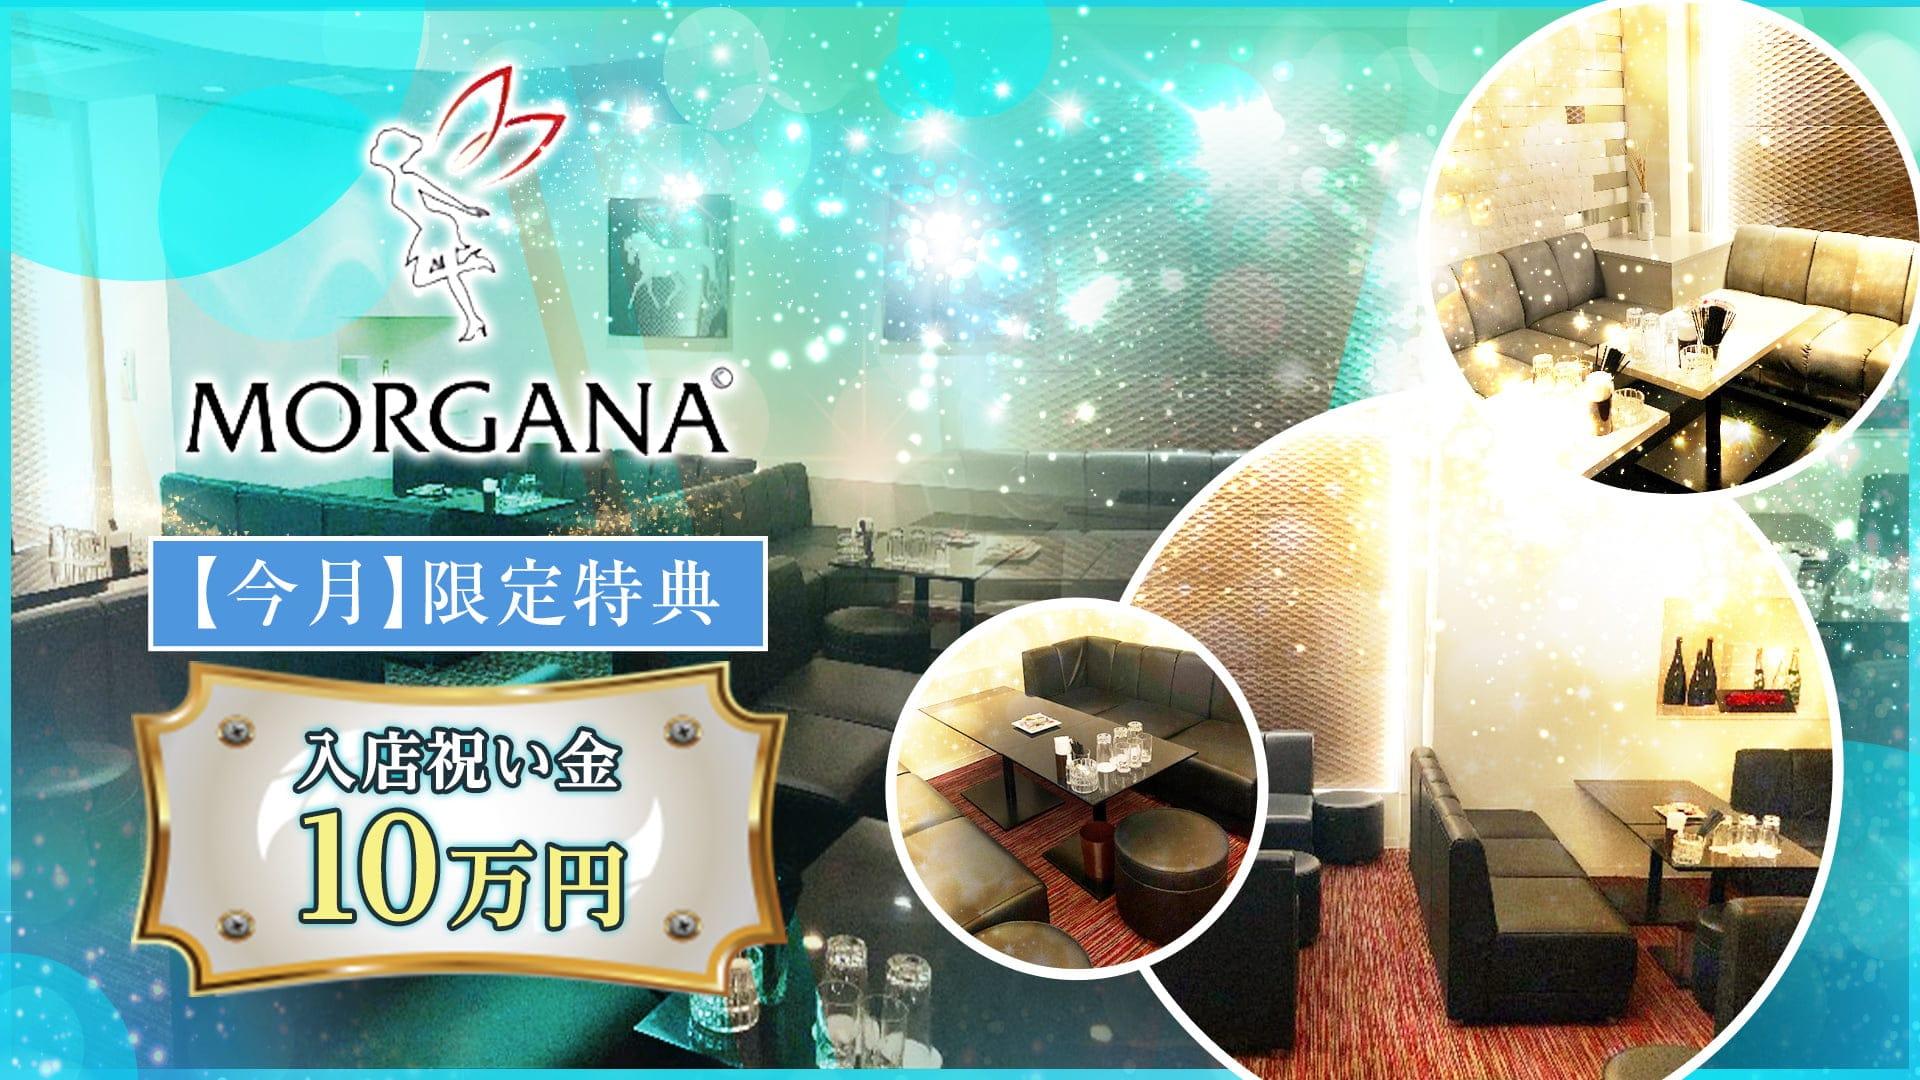 【会員制】Morgana(モルガナ)【公式求人・体入情報】 三宮ラウンジ TOP画像